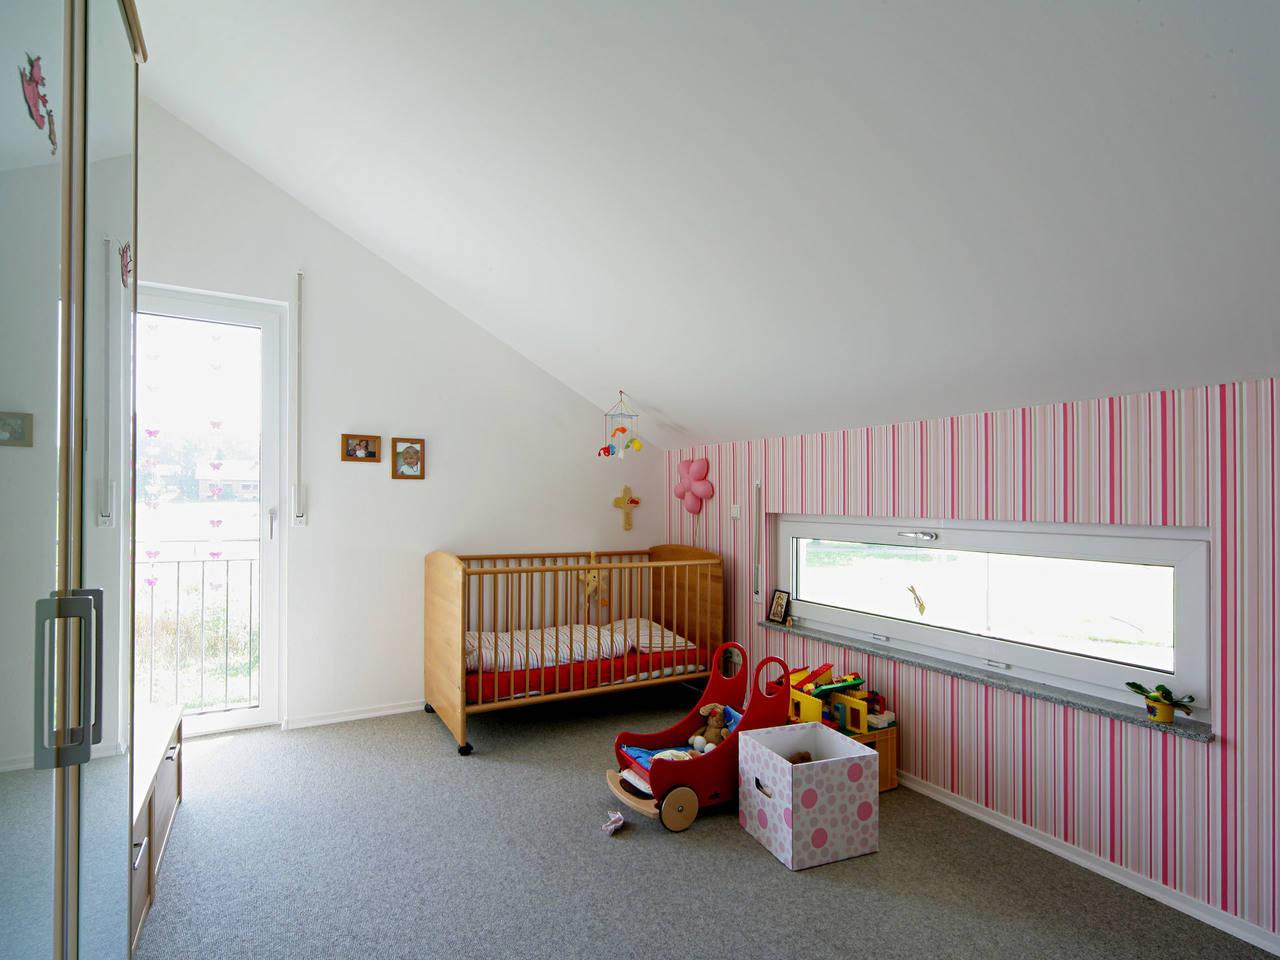 Haus Geiger Fertighaus Weiss Kinderzimmer